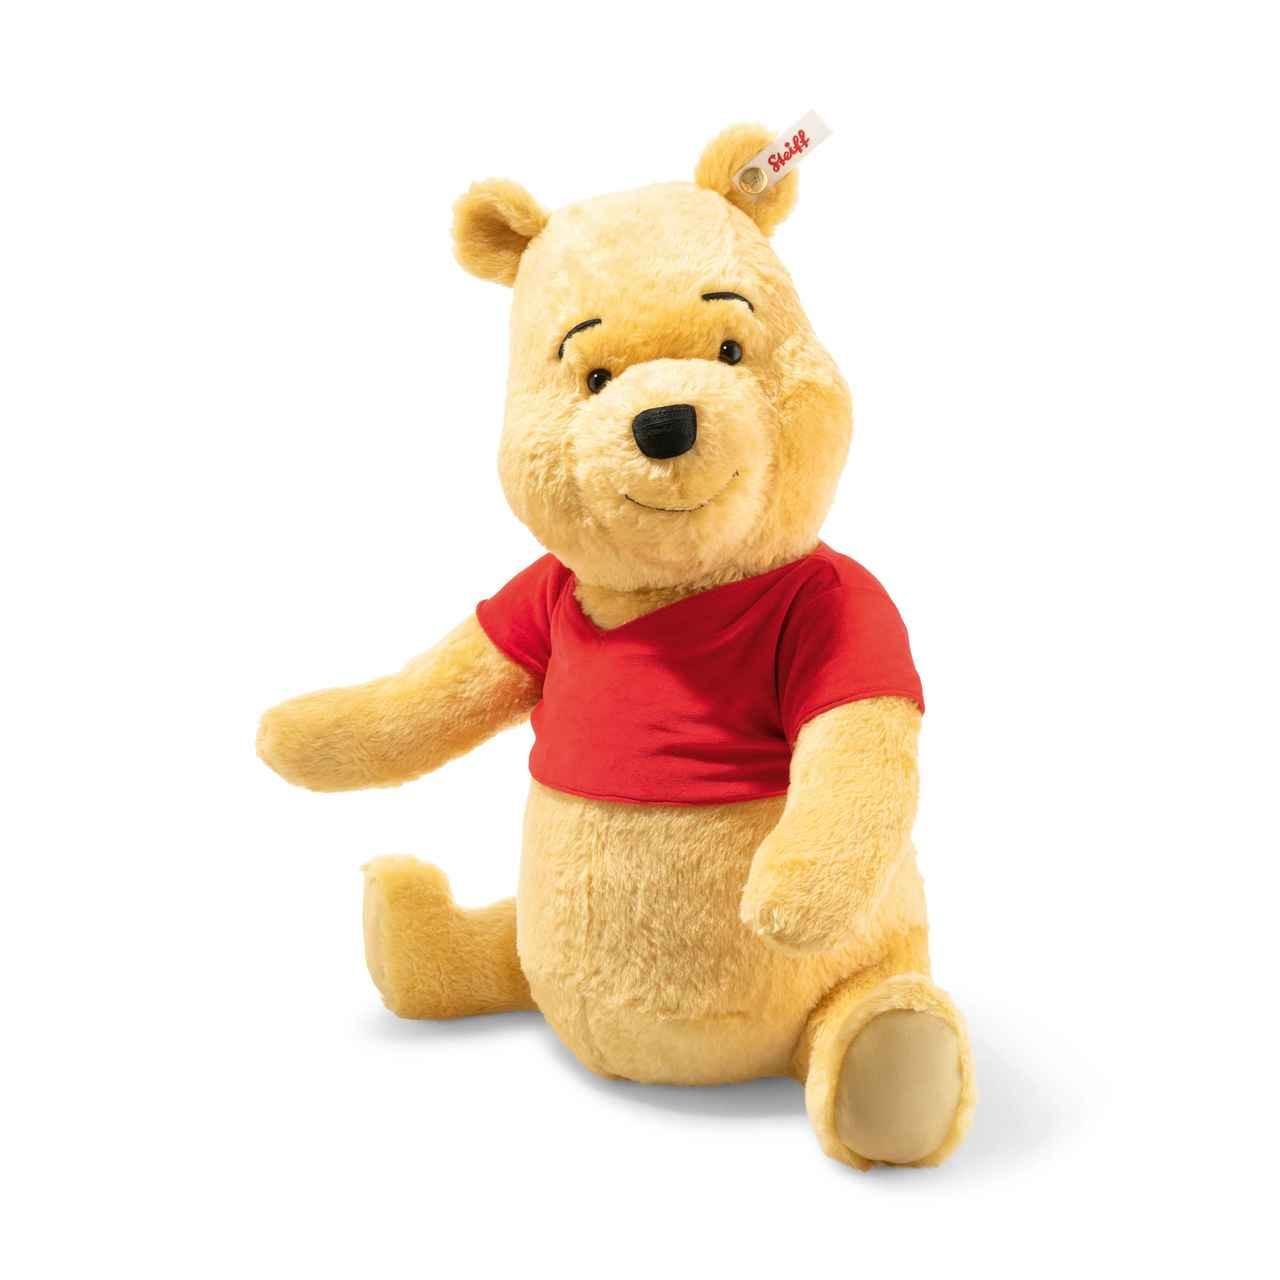 bd19282f1bb2 Giant Winnie the Pooh EAN 690600Steiff USA